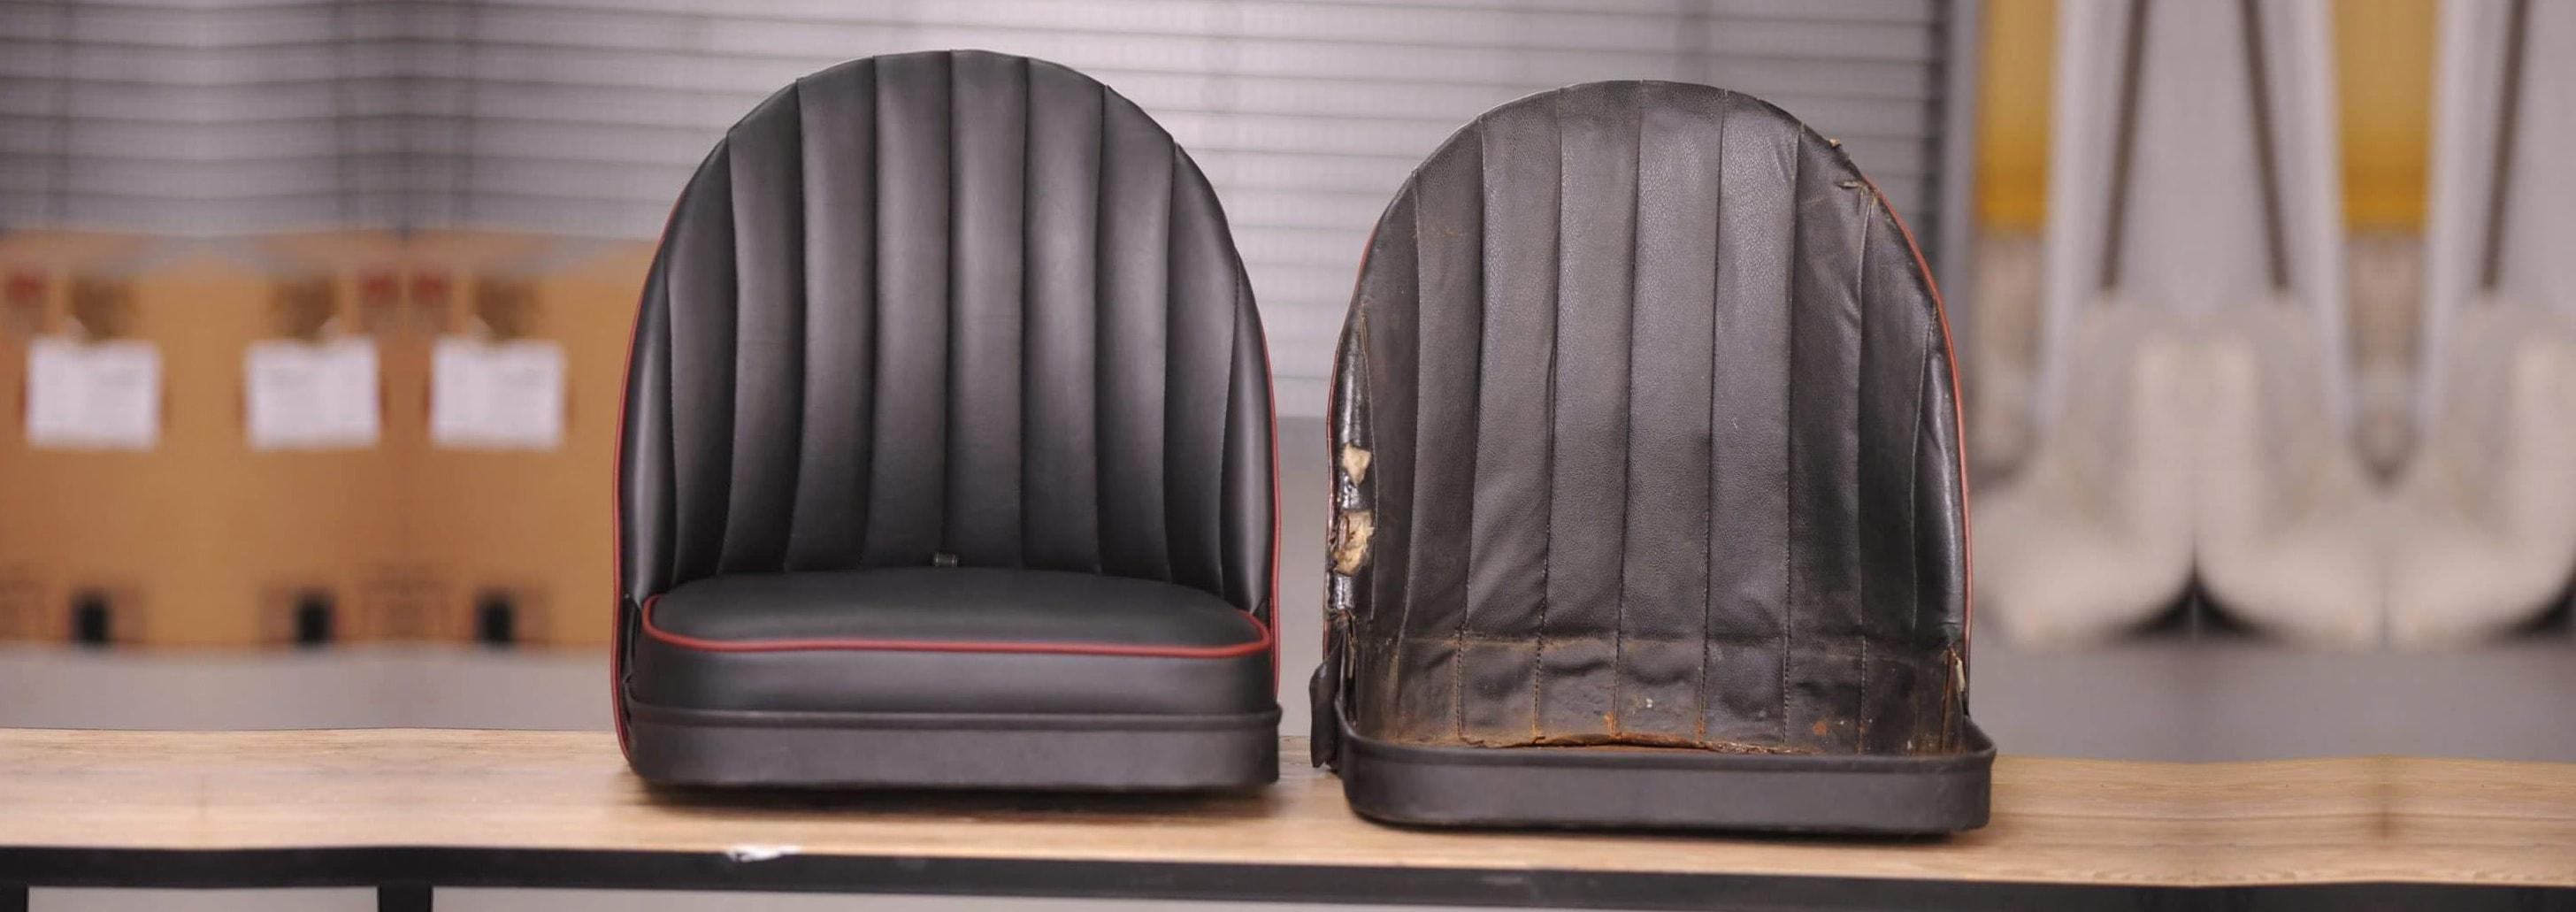 Motor Upholstery